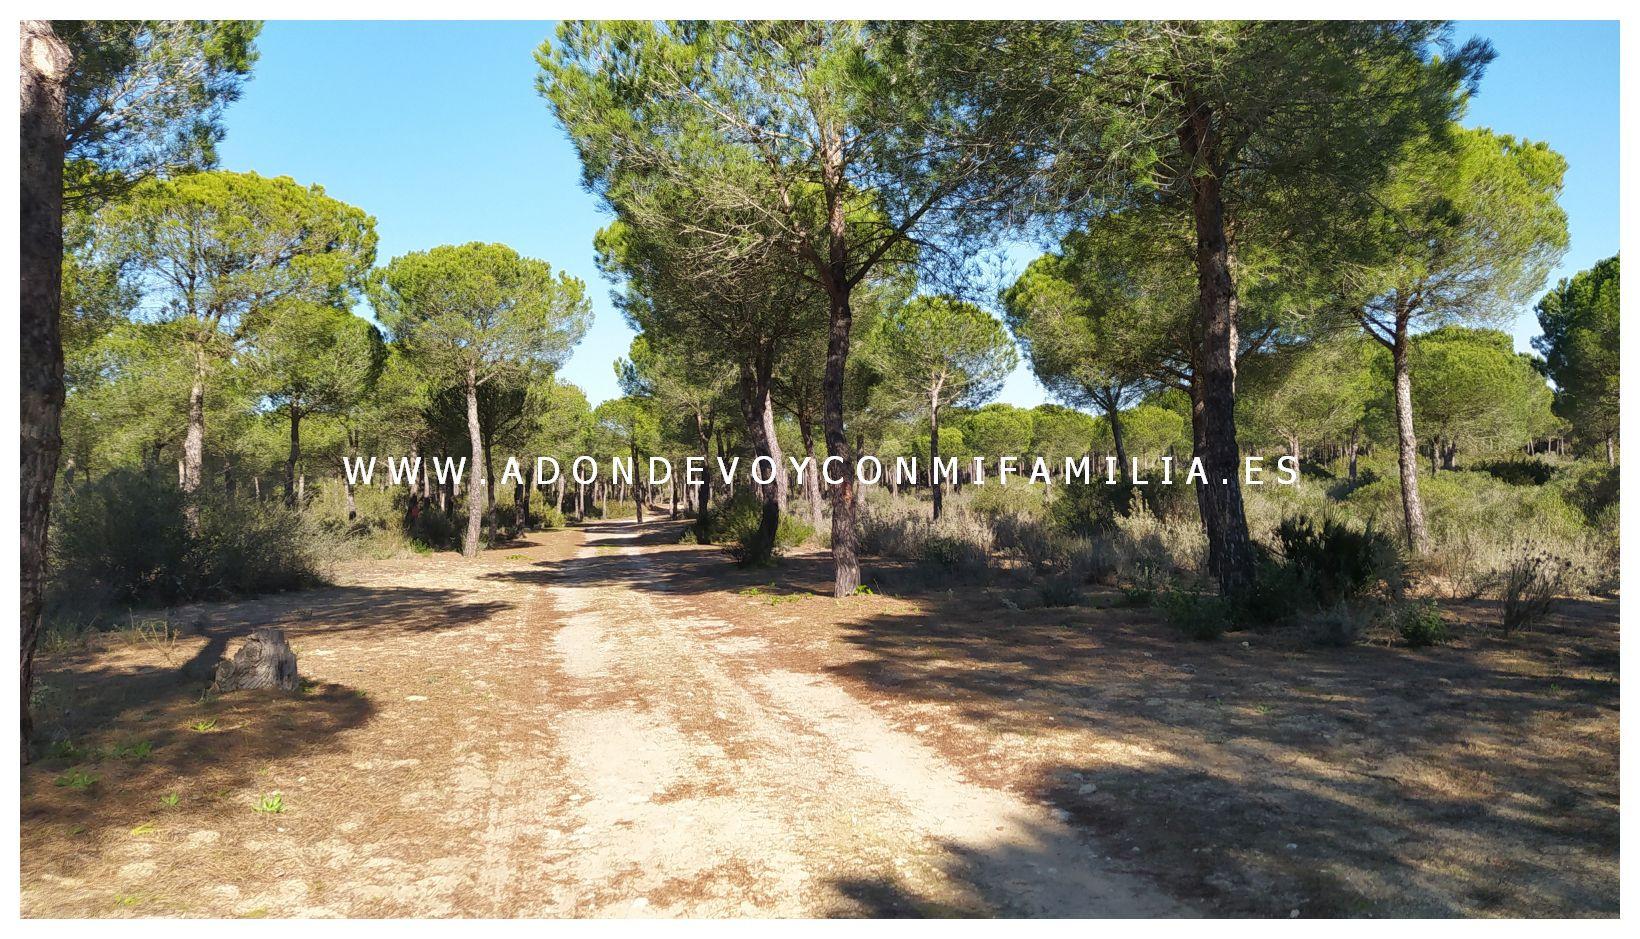 sendero-cerro-del-aguila-pinar-de-la-algaida-sanlucar-adondevoyconmifamilia-62